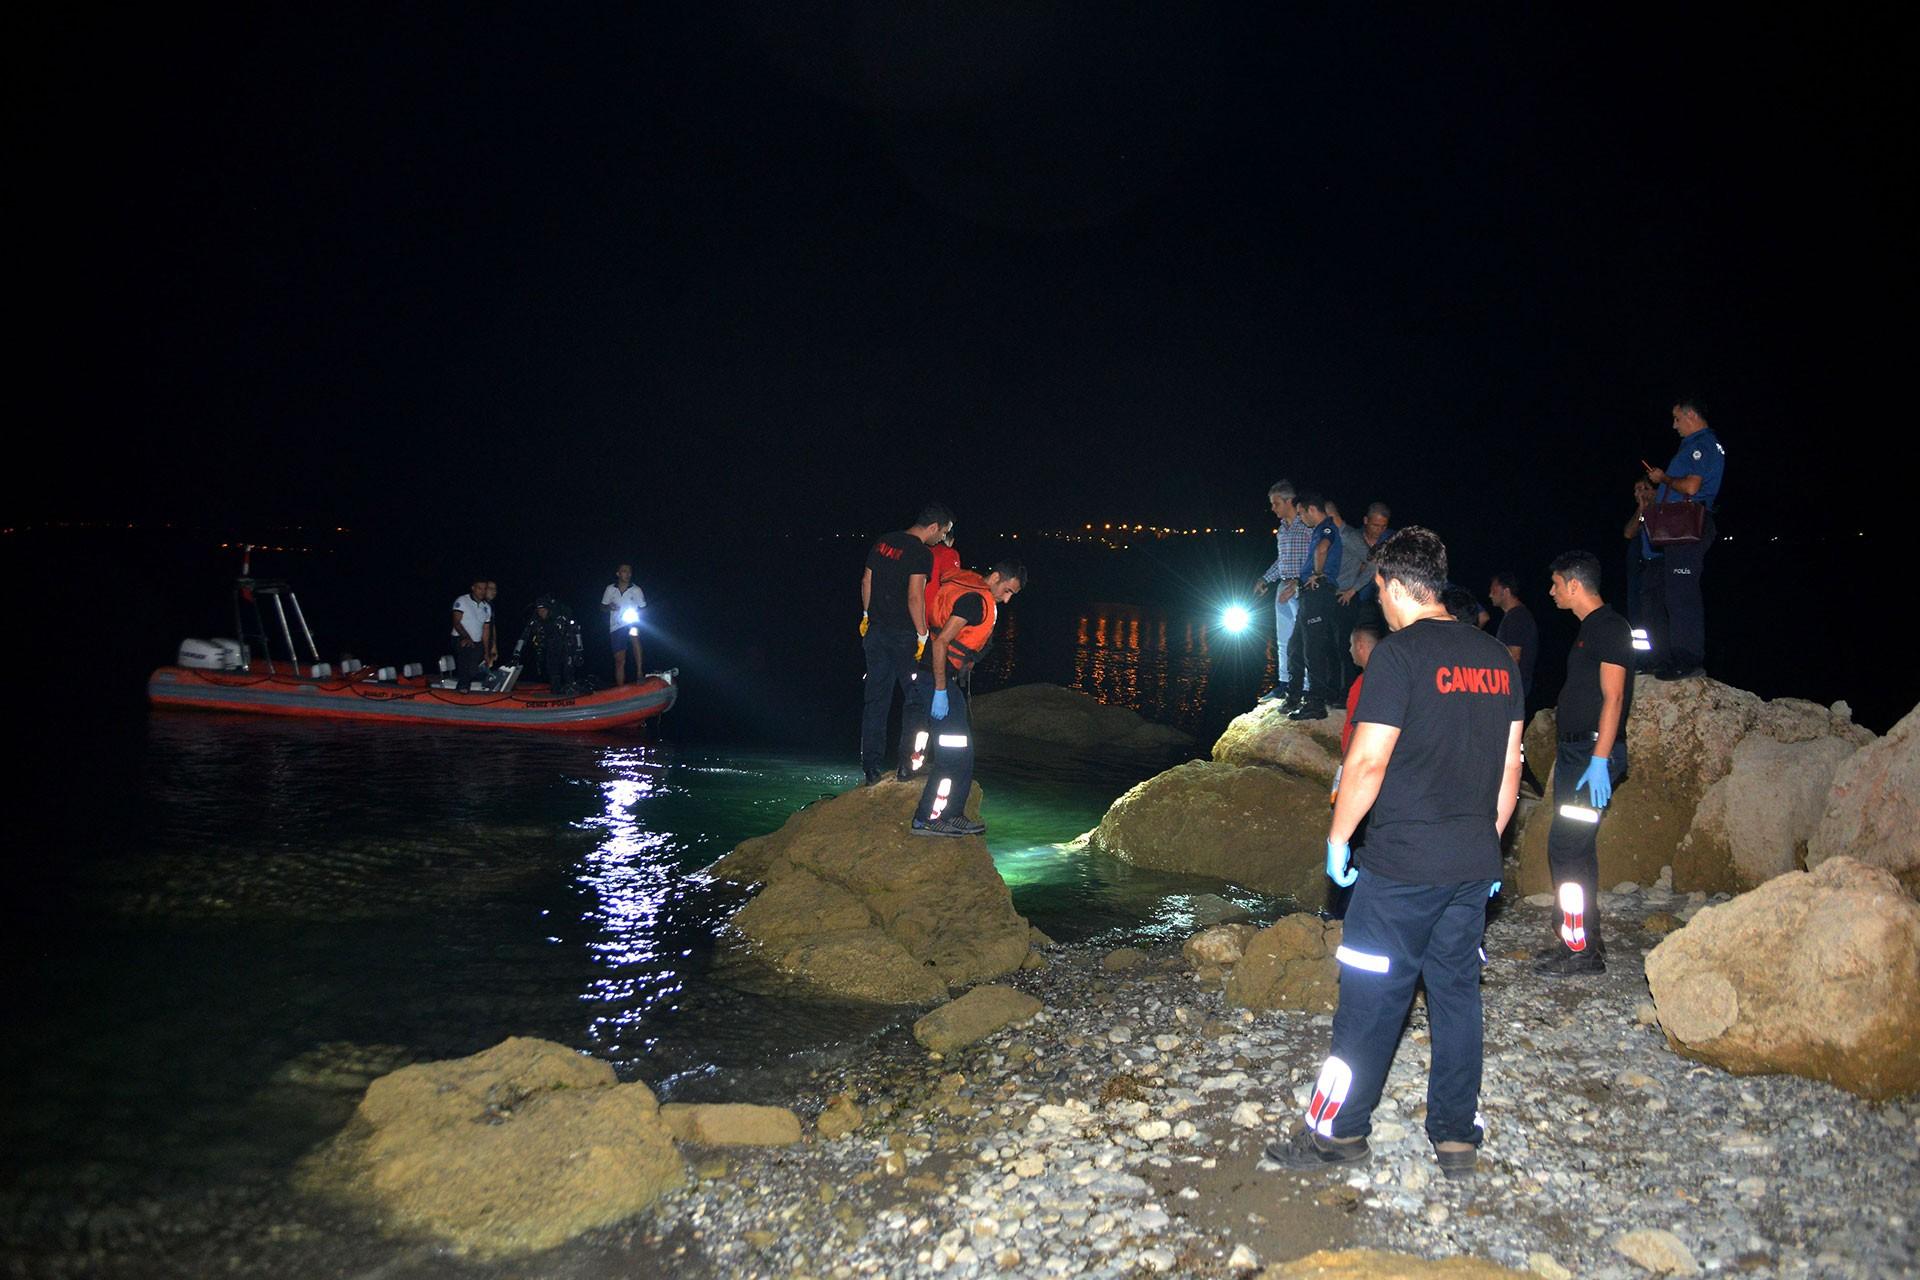 Adana'da baraj gölüne giren genç kadın boğuldu